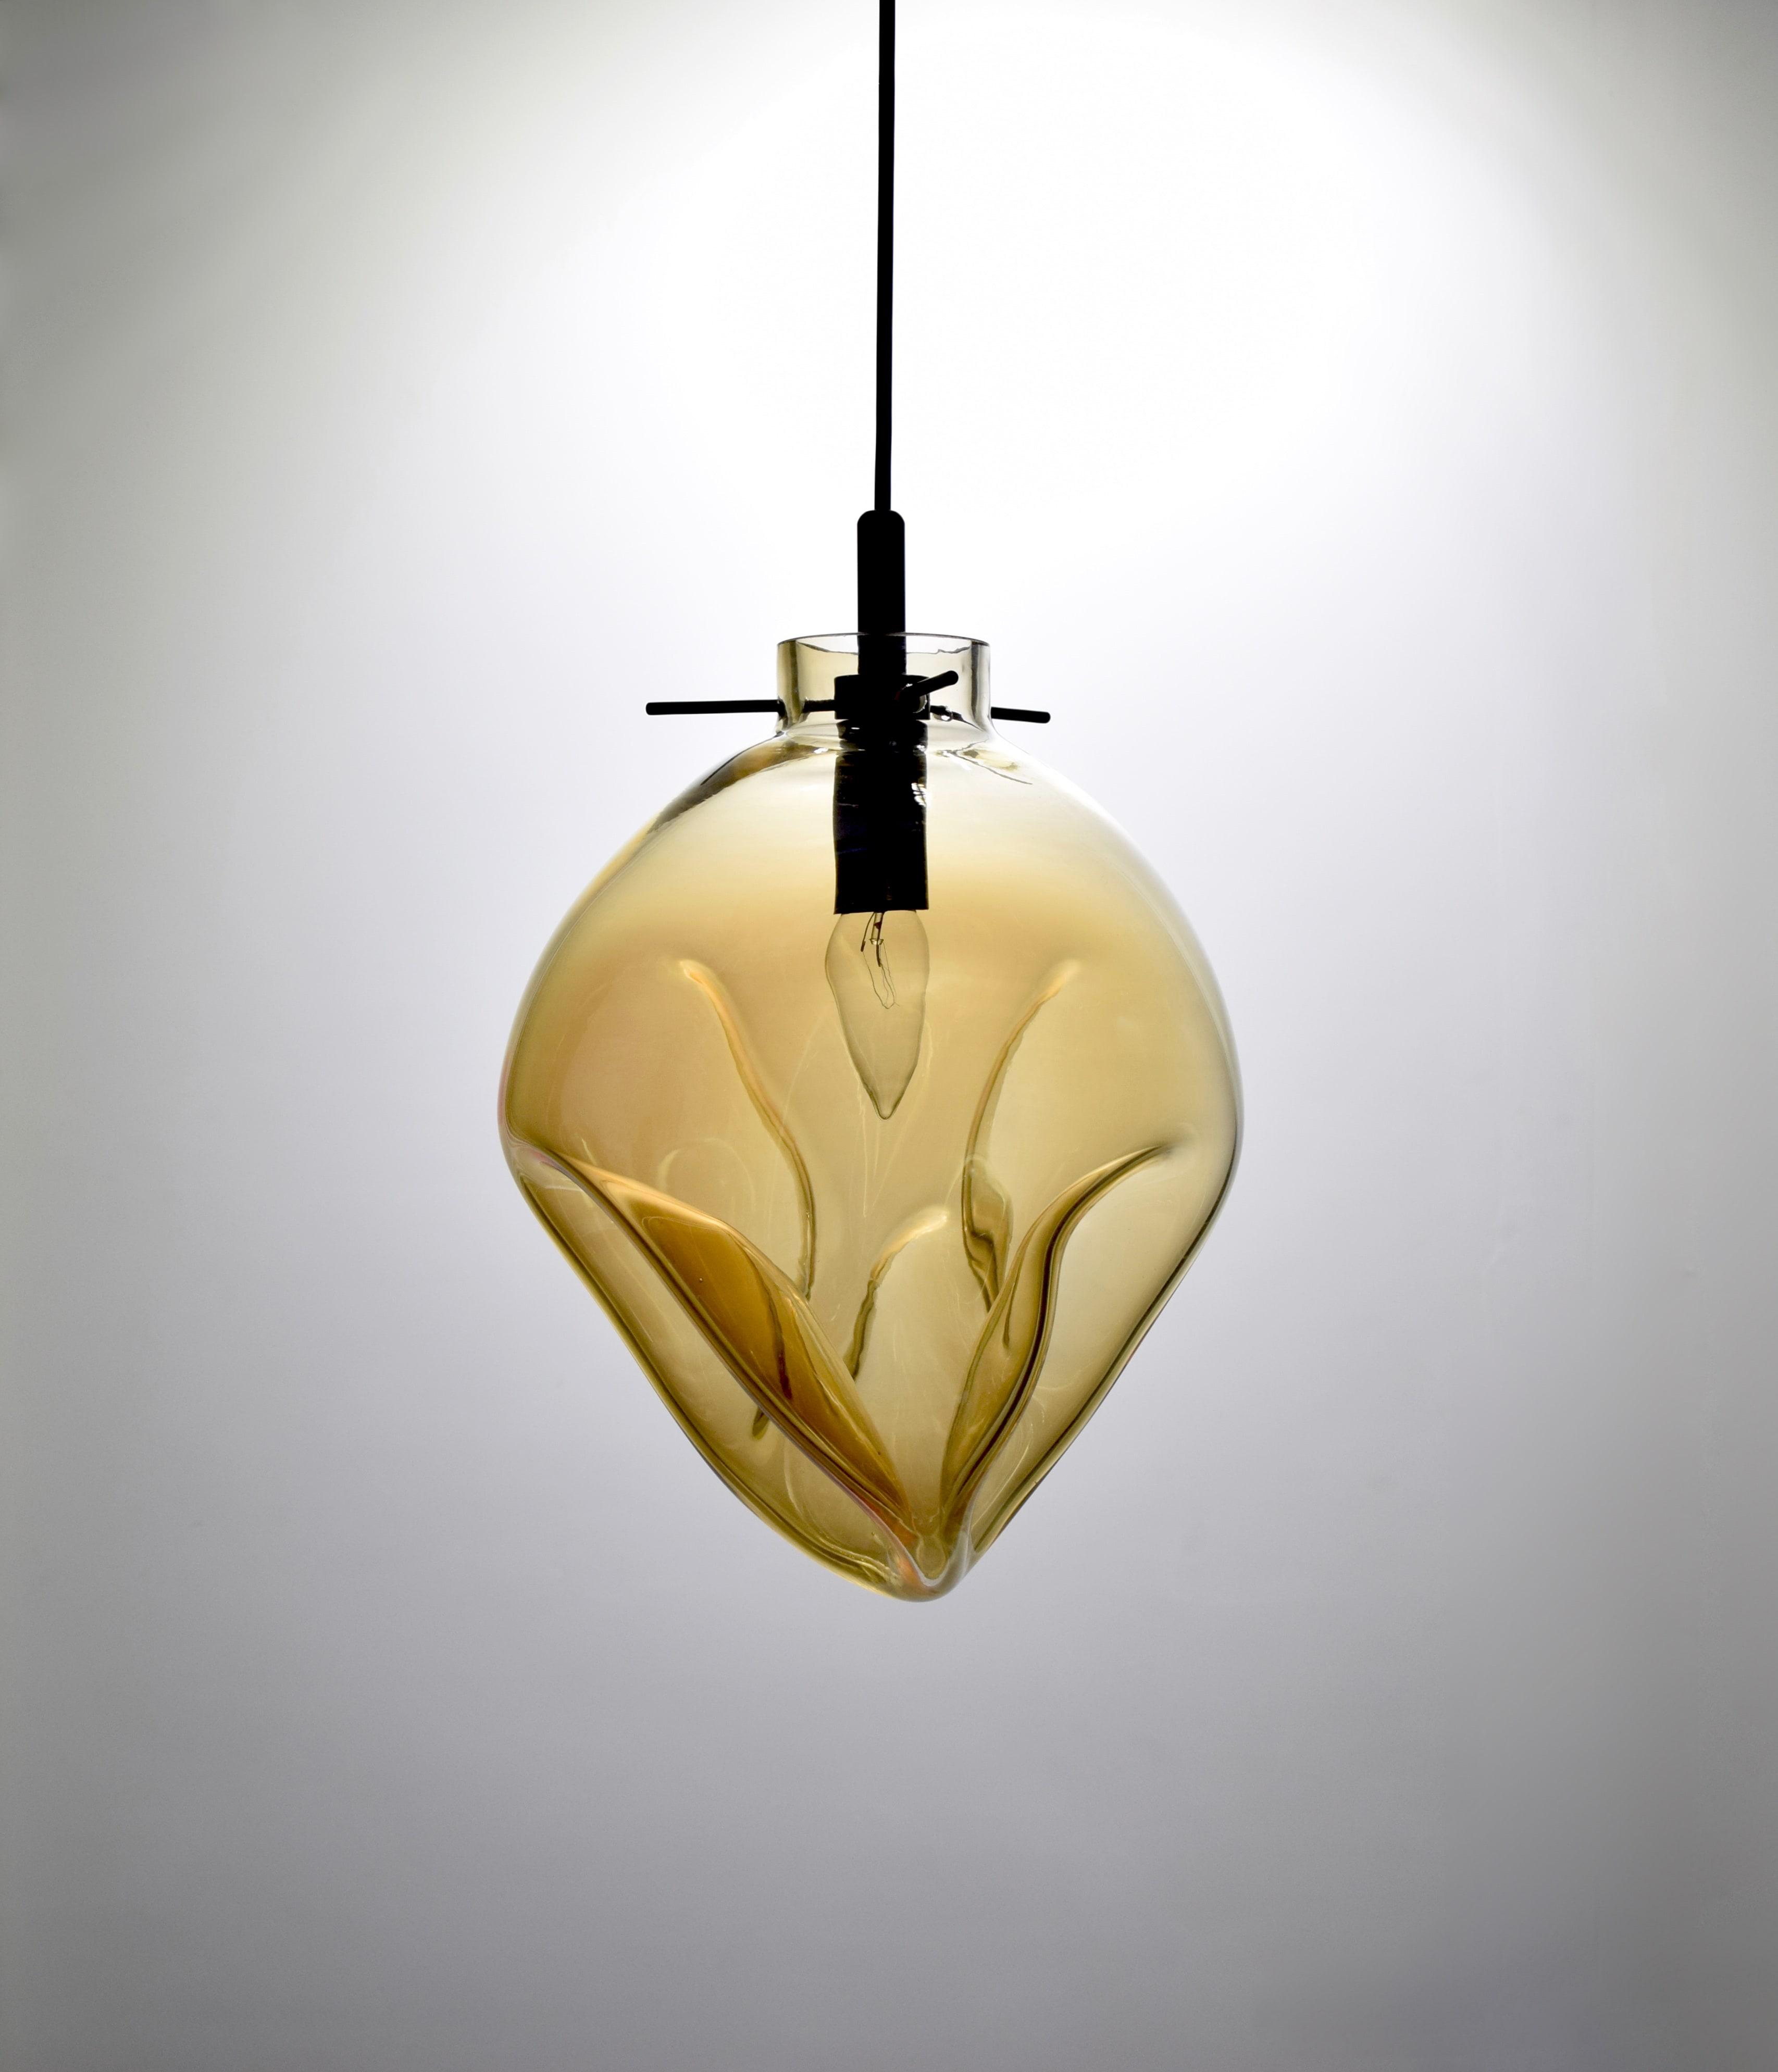 手工吹製琥珀色玻璃吊燈-BNL00114 1